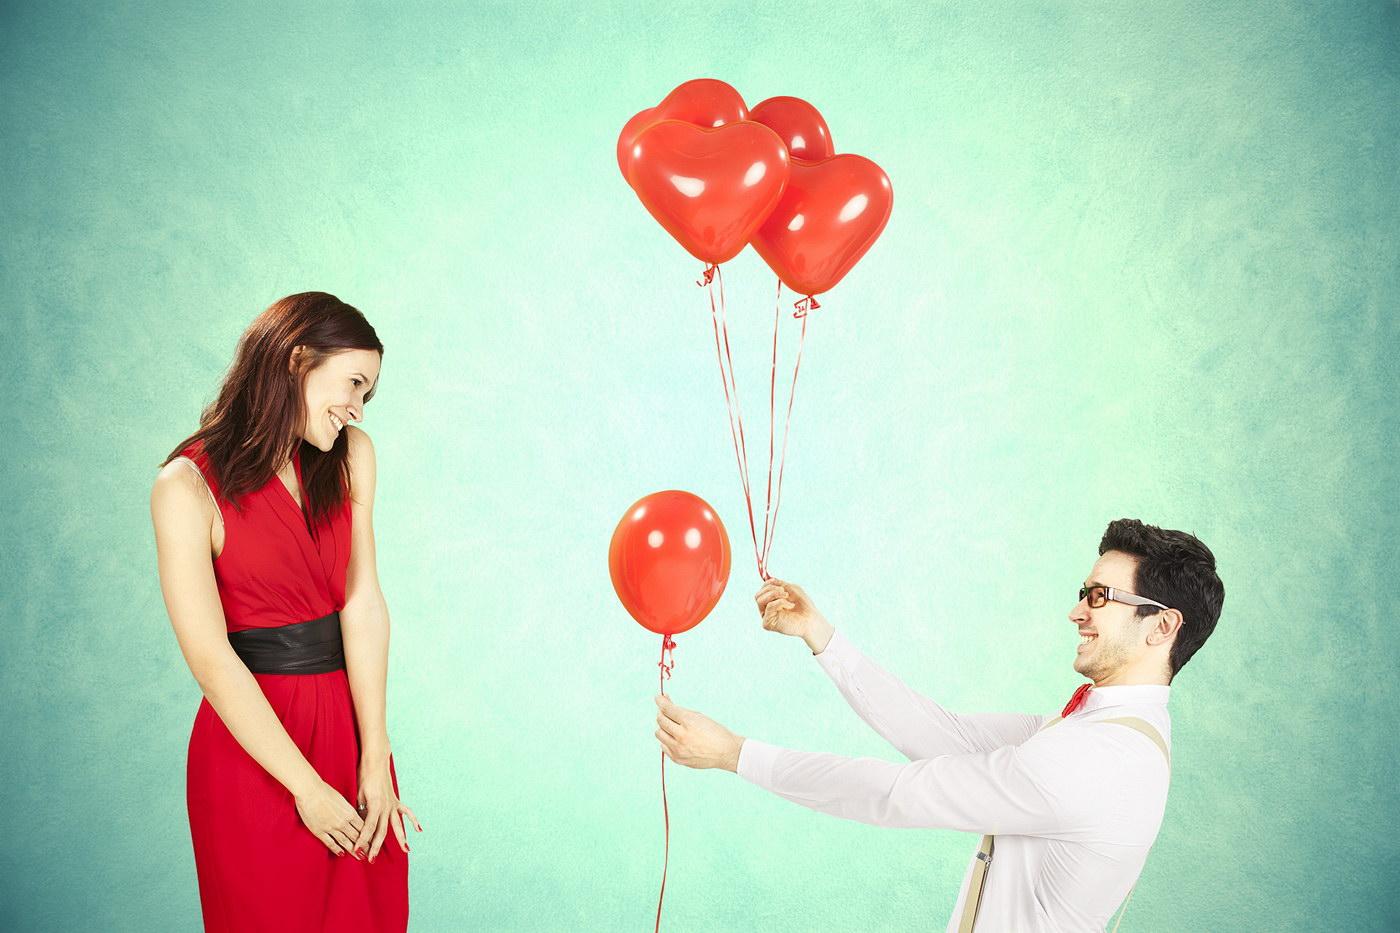 Moduri romantice prin care o poti cere de sotie